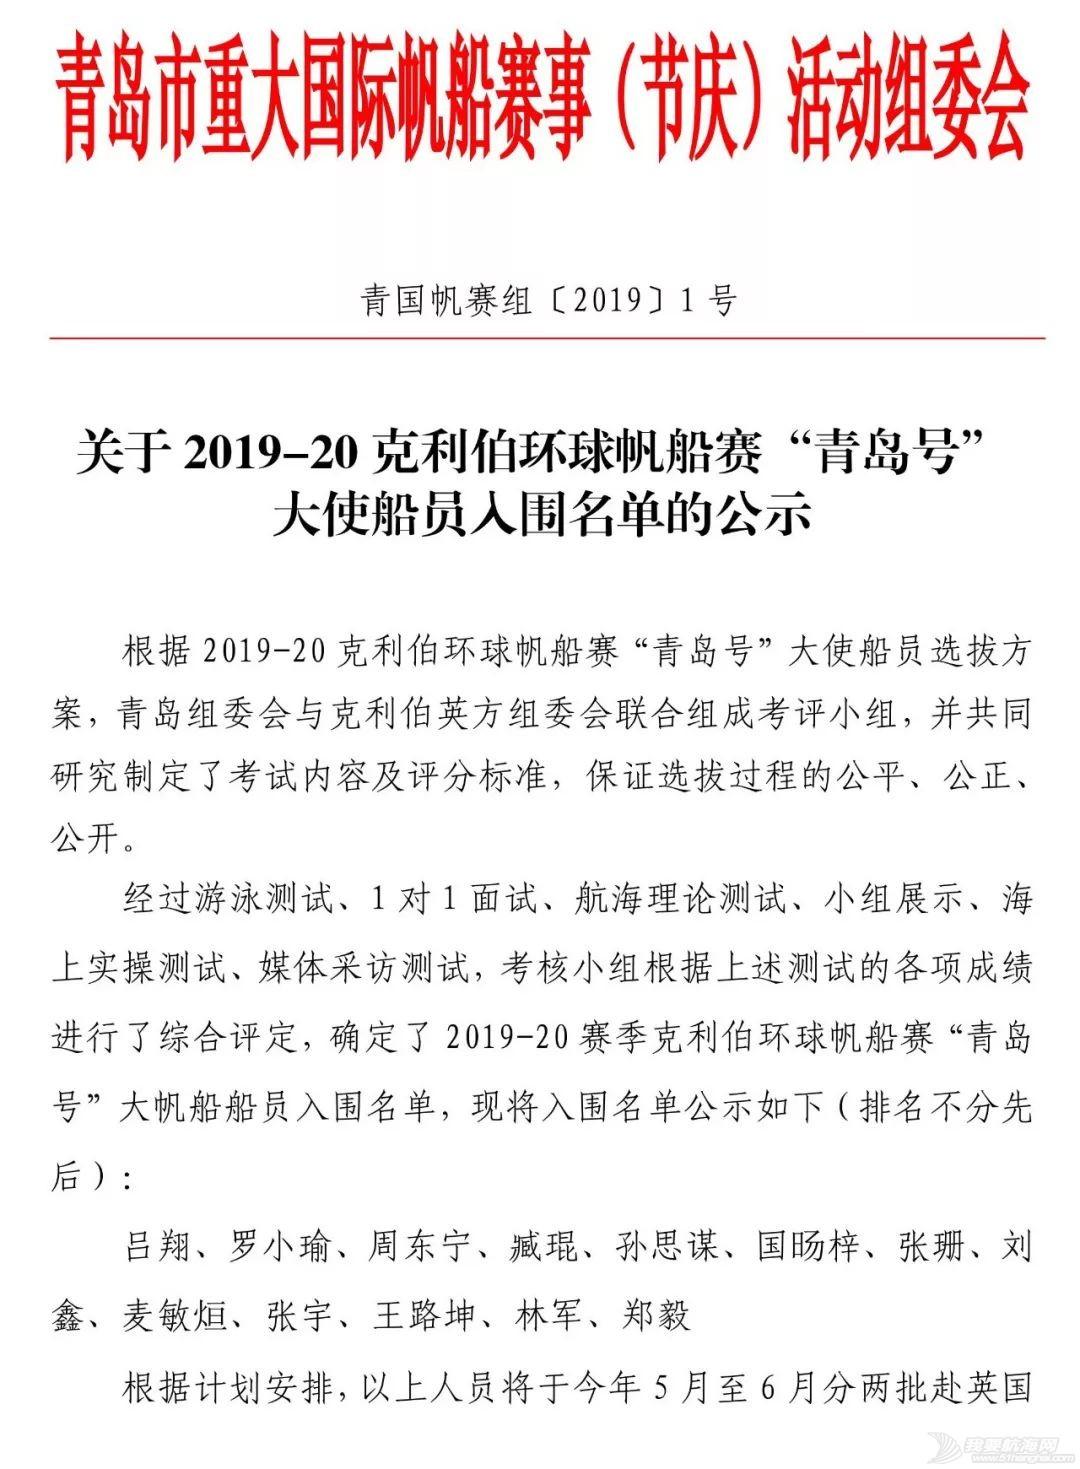 """克利伯环球帆船赛2019-20赛季,""""青岛号""""船员入围名单出炉,...w2.jpg"""